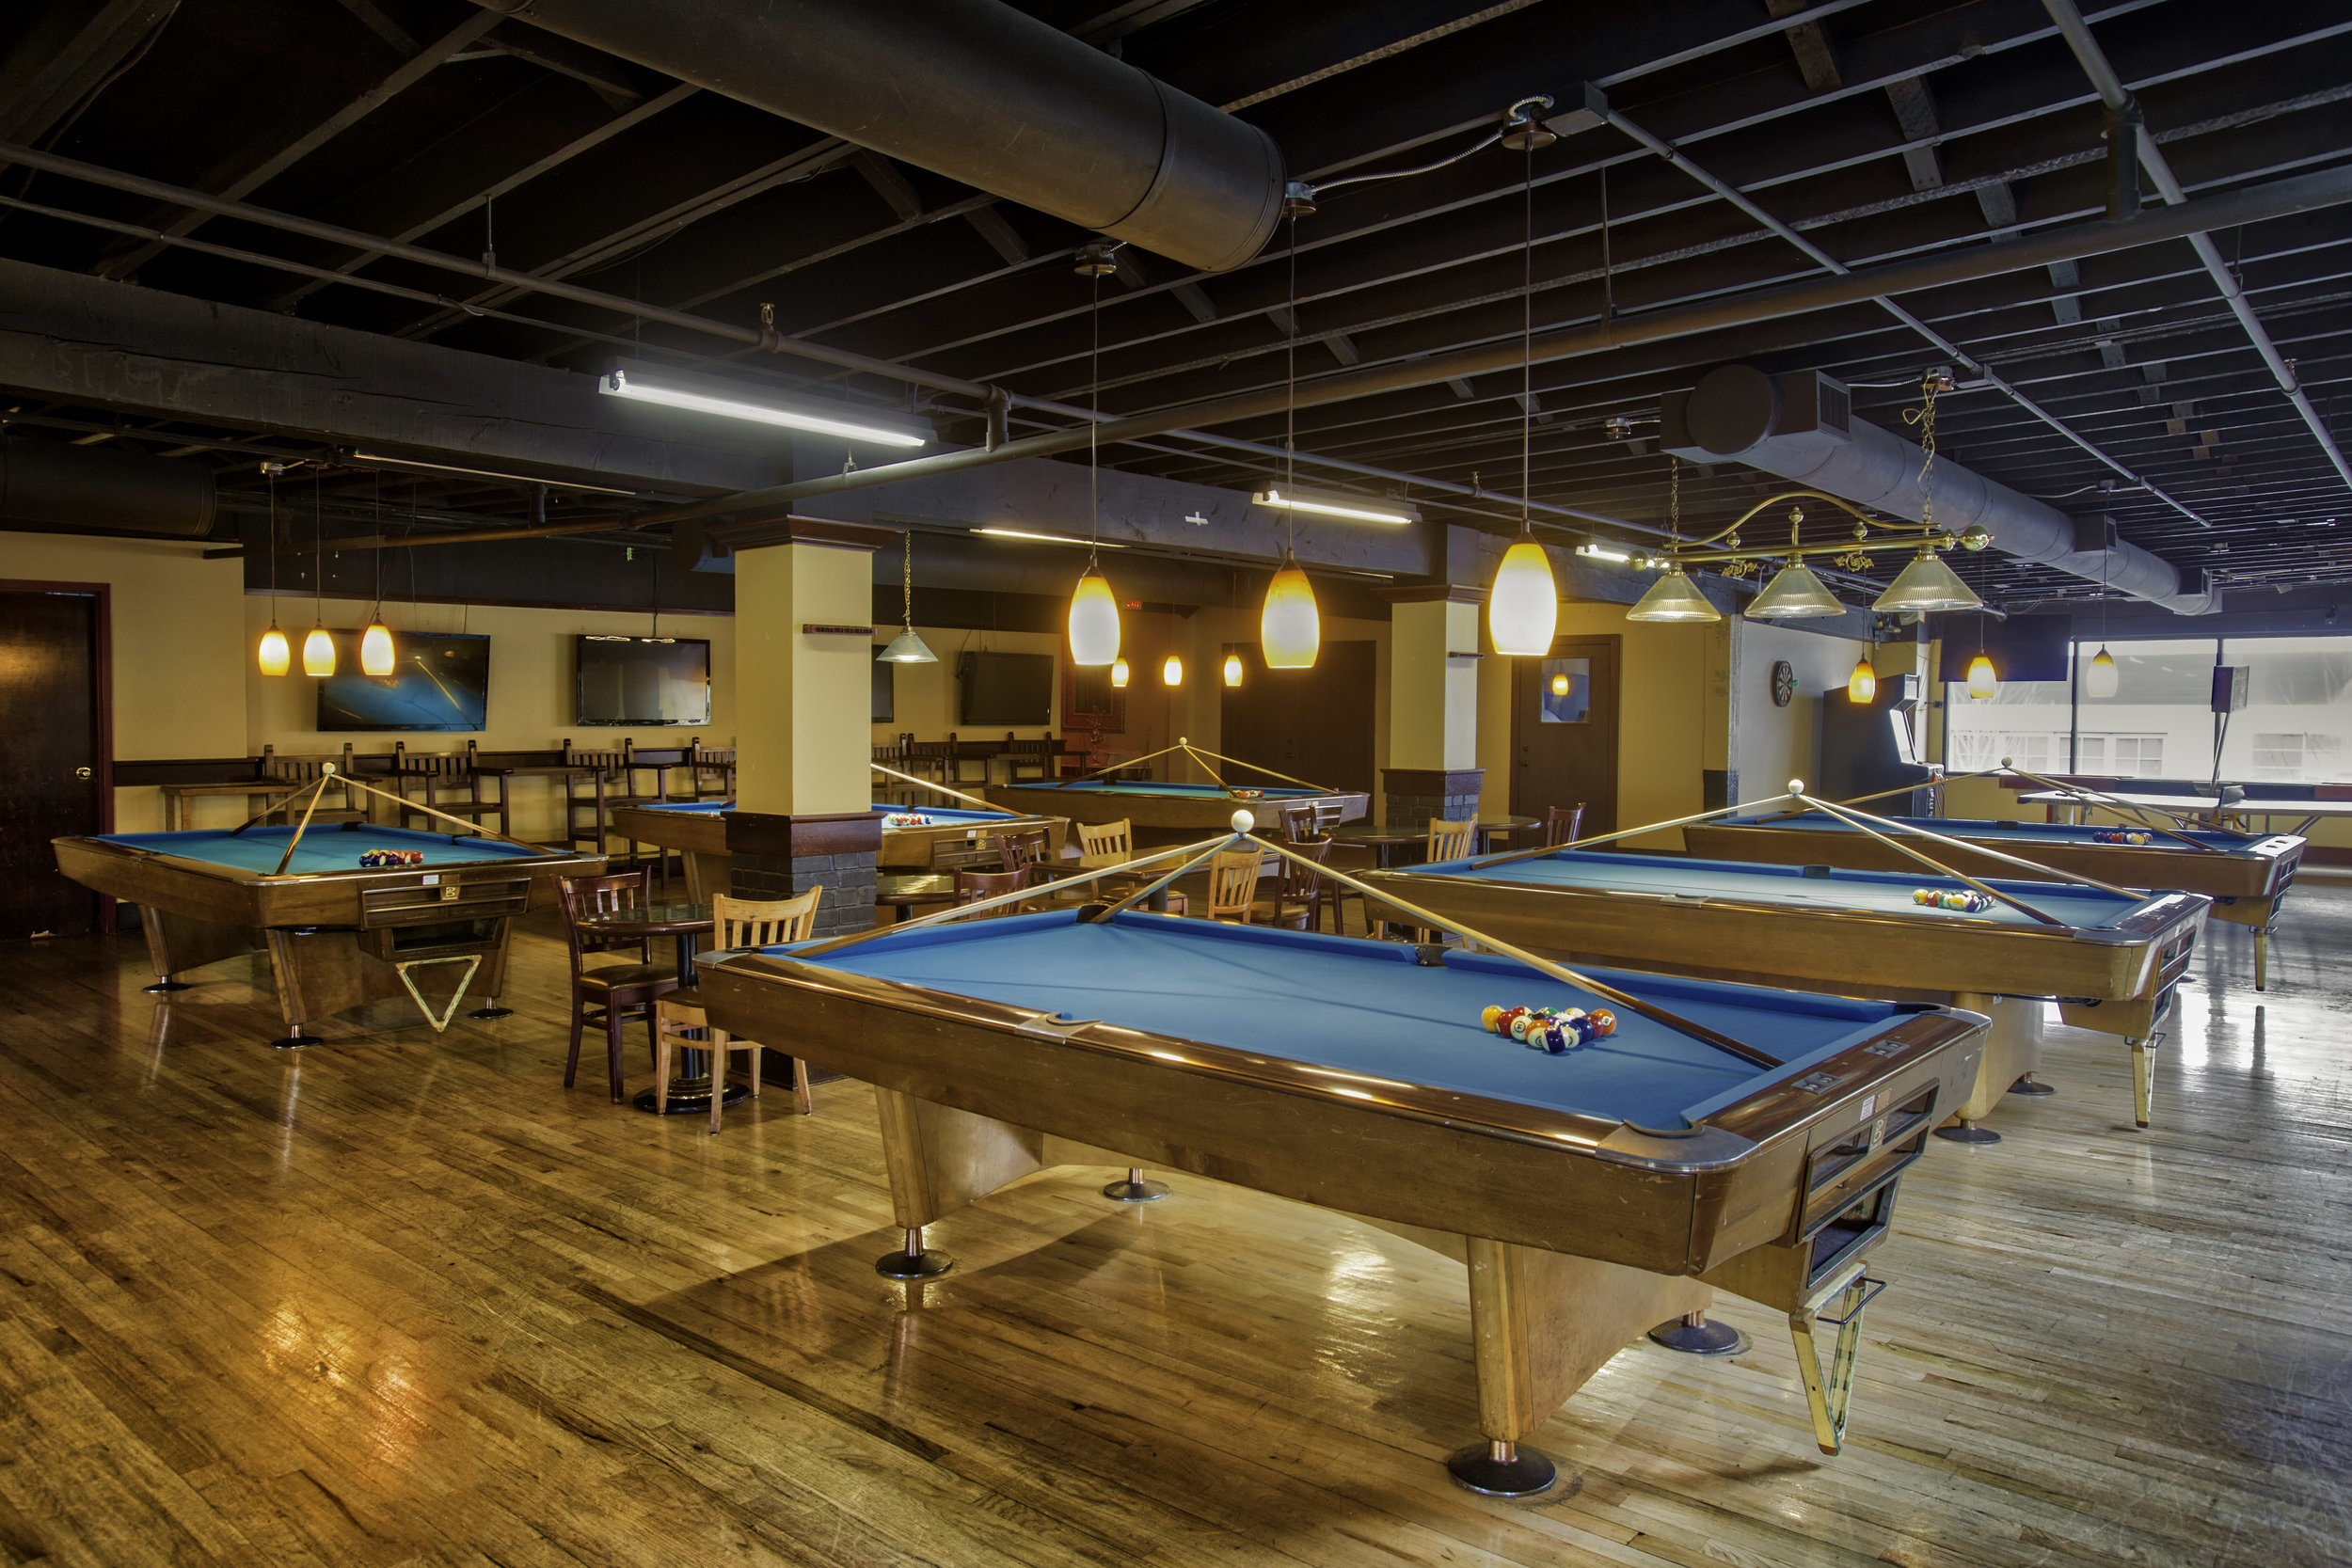 Billiards1.jpg